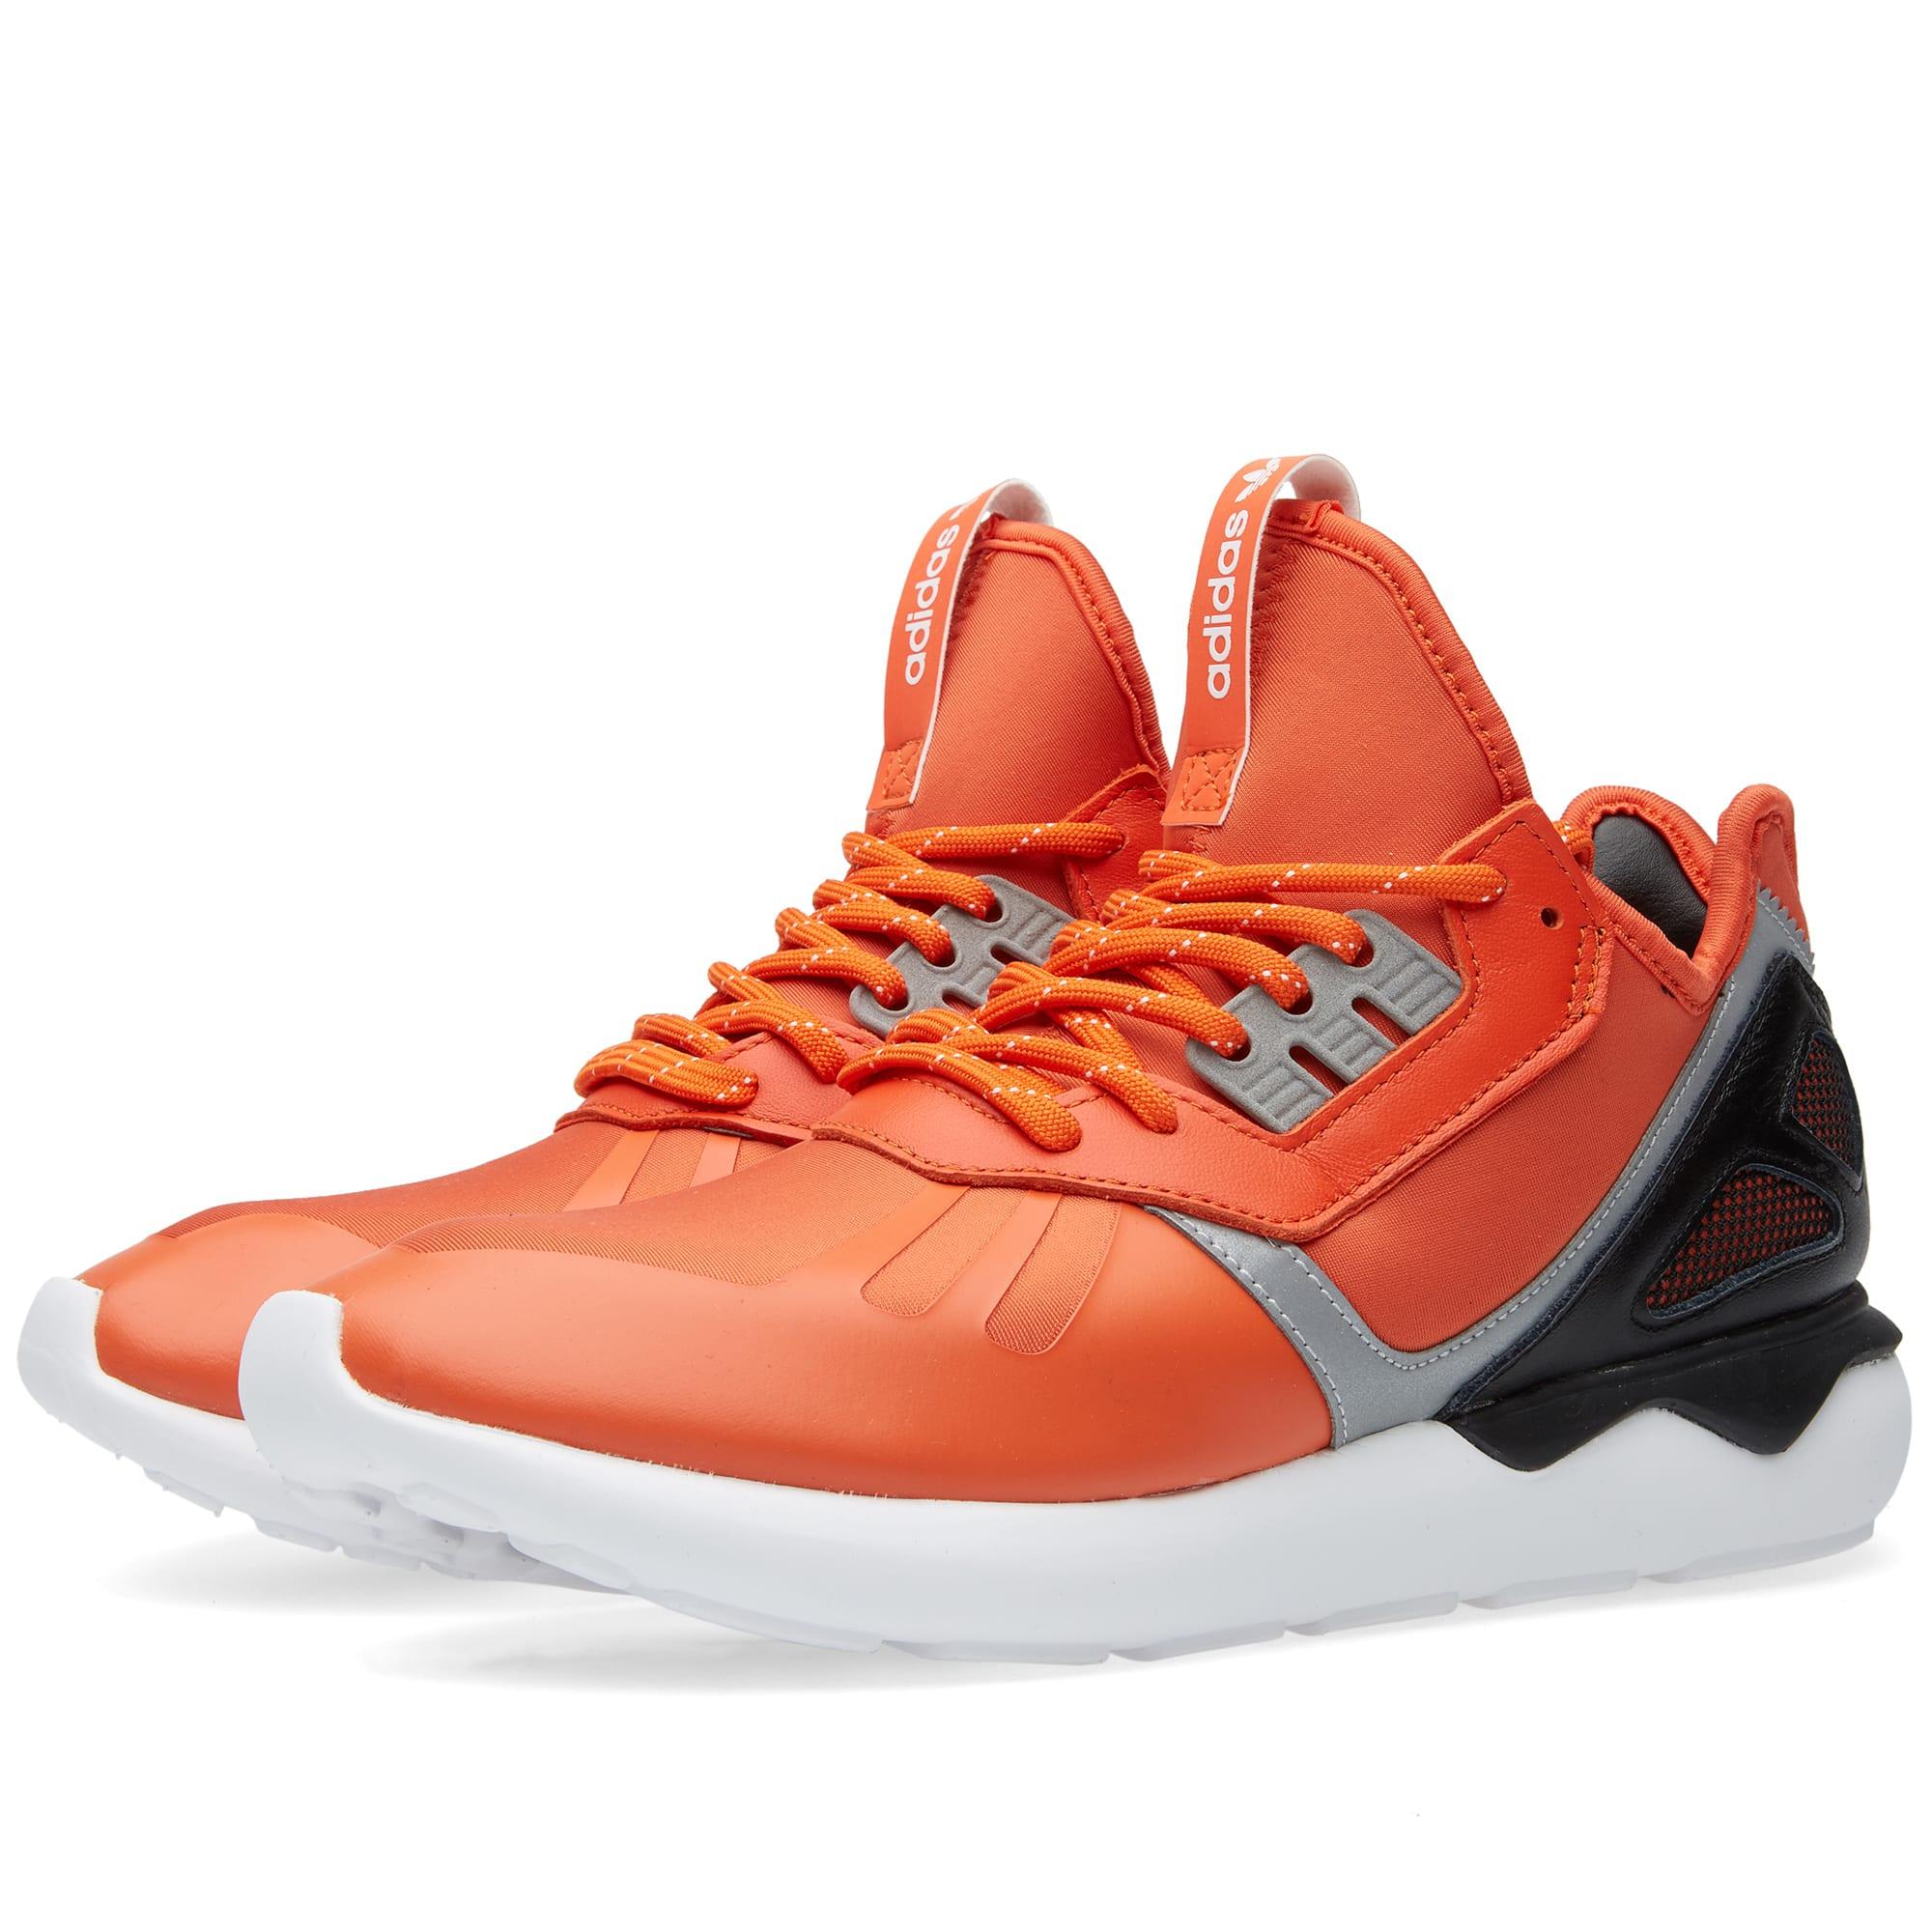 super popular d2f0f 56cea Adidas Tubular Runner Collegiate Orange   Core Black   END.